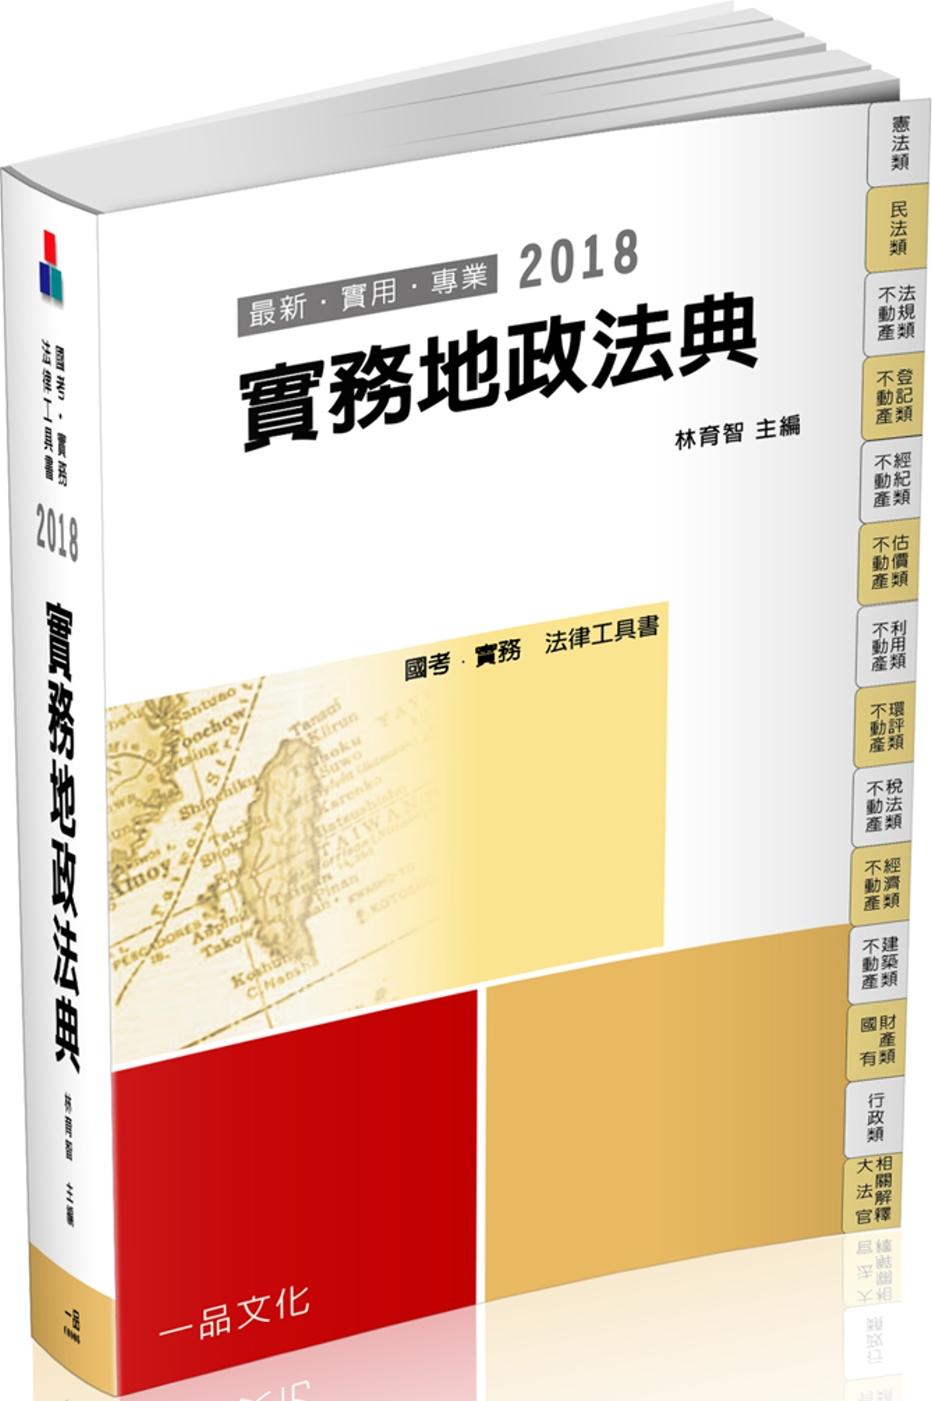 ◤博客來BOOKS◢ 暢銷書榜《推薦》實務地政法典:2018國考.實務法律工具書<一品>(十版)